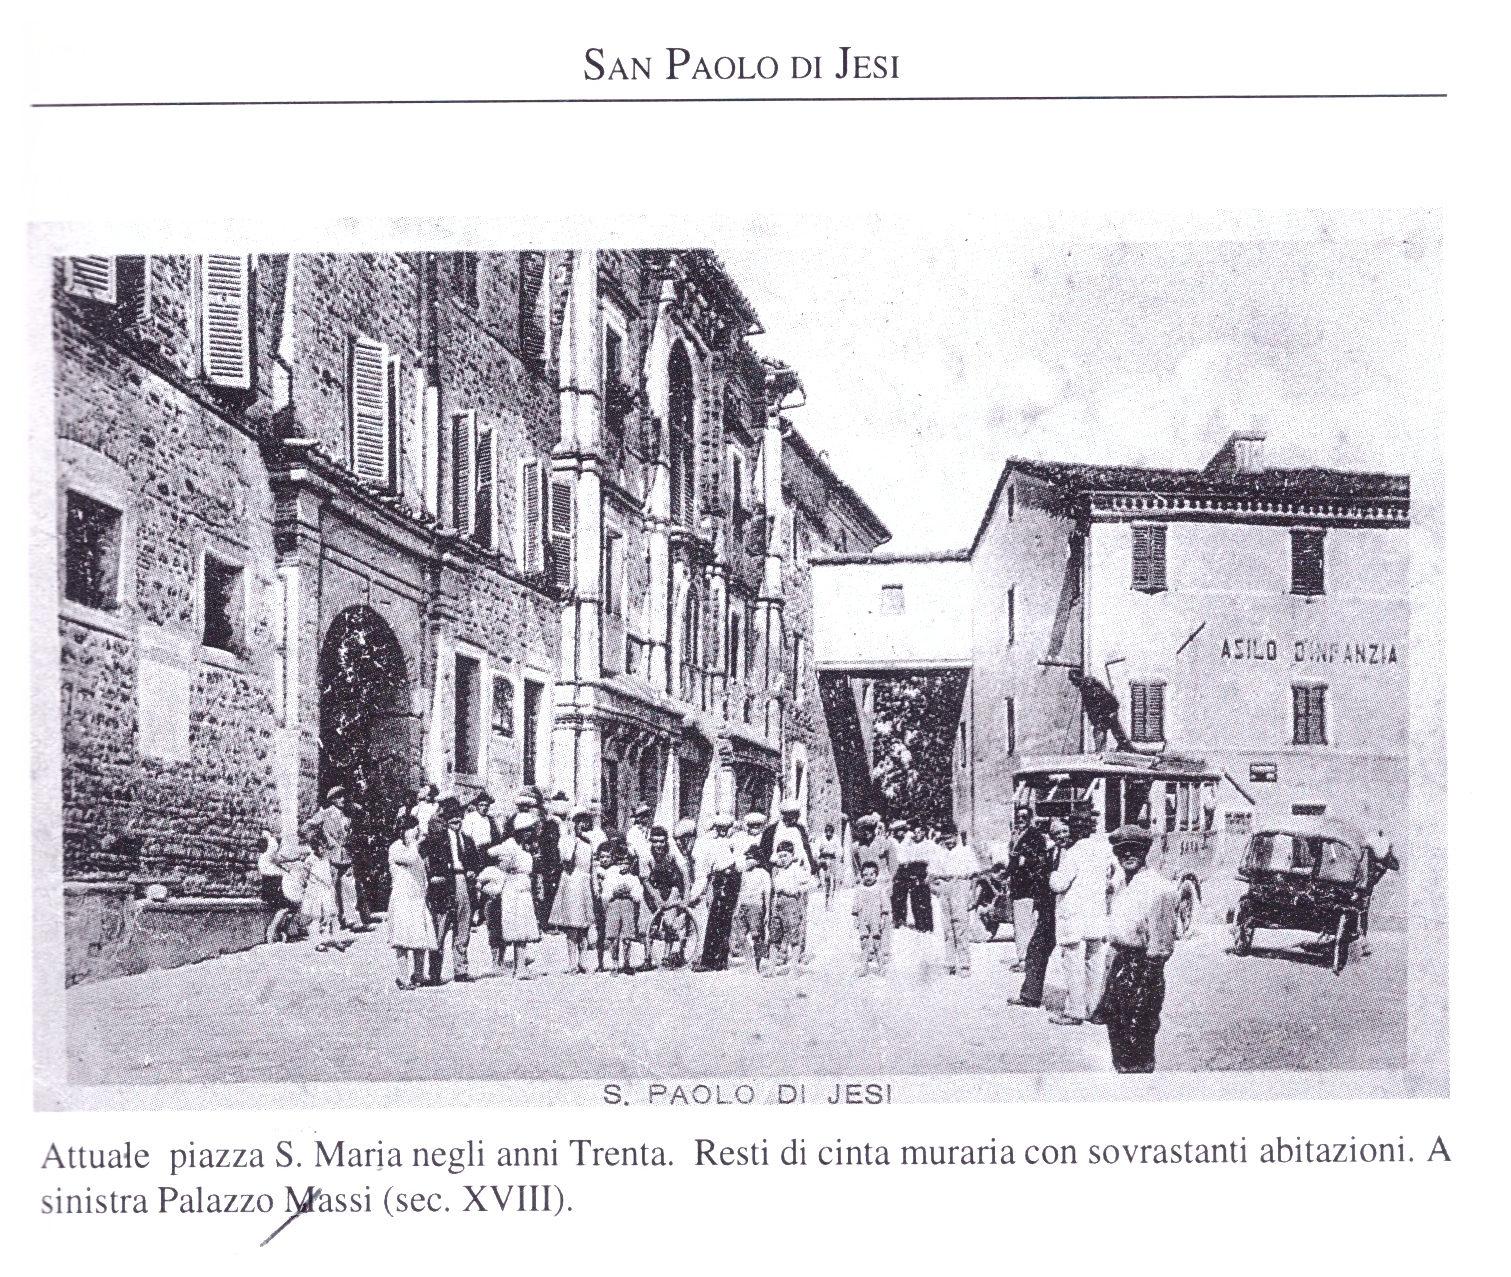 San Paolo di Jesi